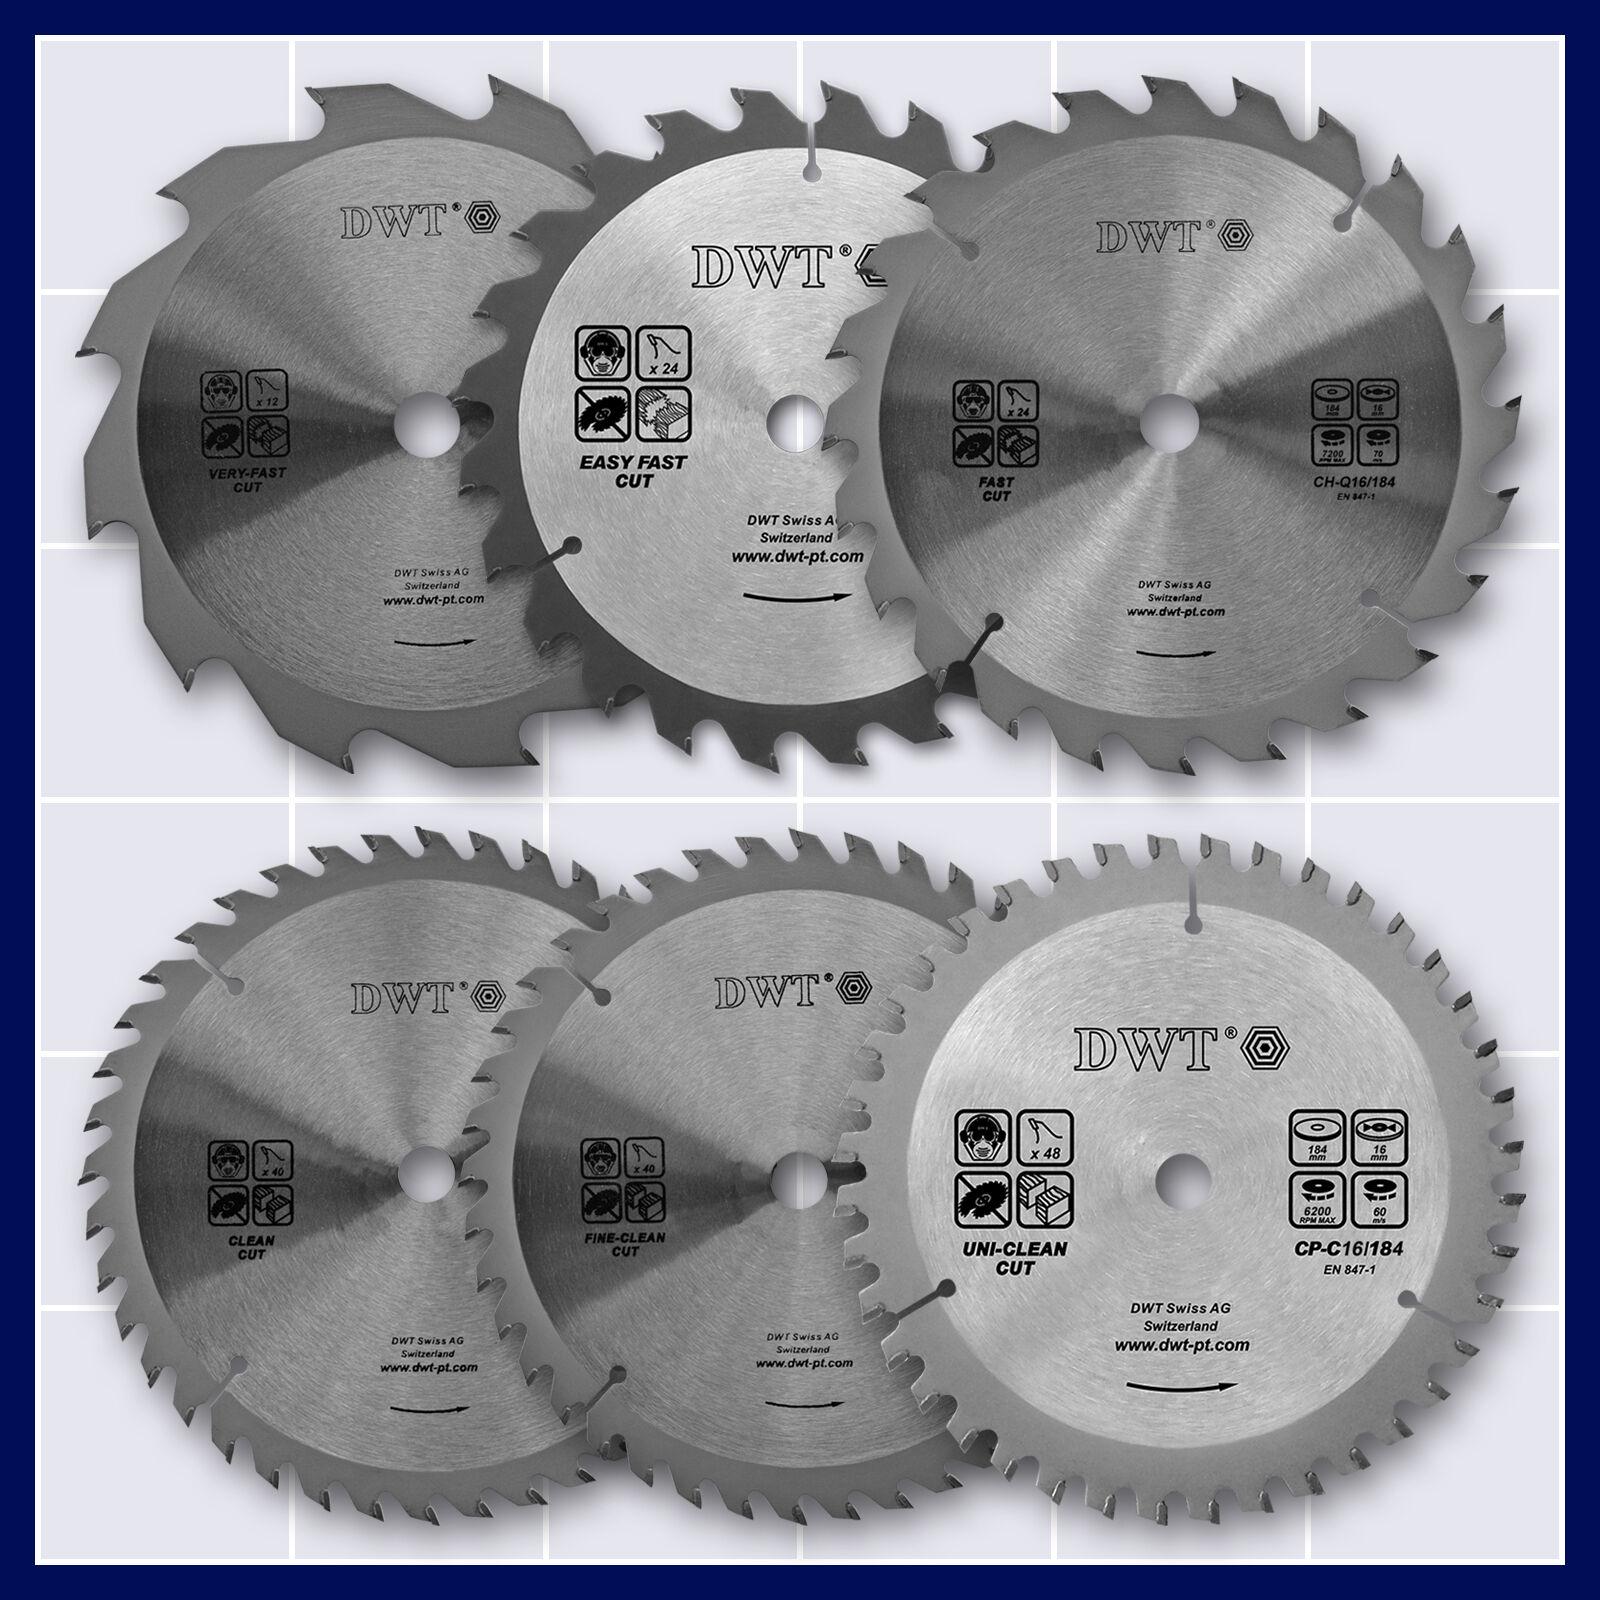 Zähne 32 Adapter 16 mm IVT Sägeblatt Kreissägeblatt 160 x 20 mm